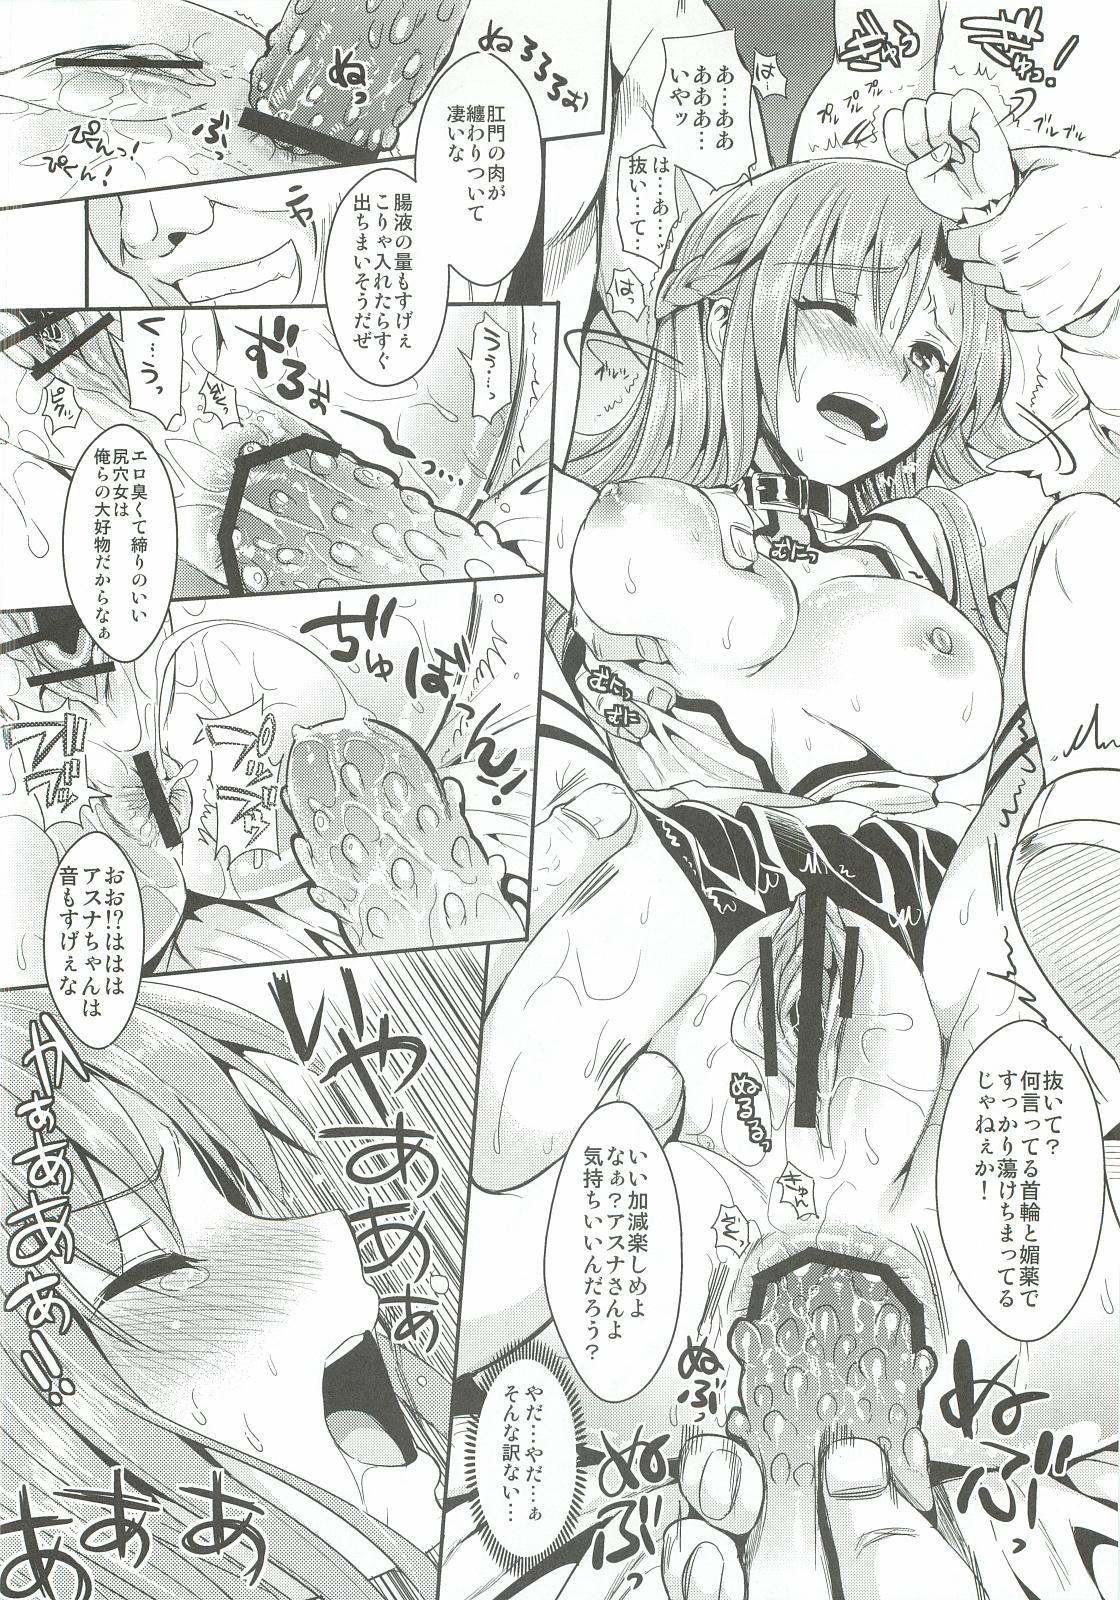 Shujou Seikou II α Watashi... Okasarete Anal ni Mezamemashita 16